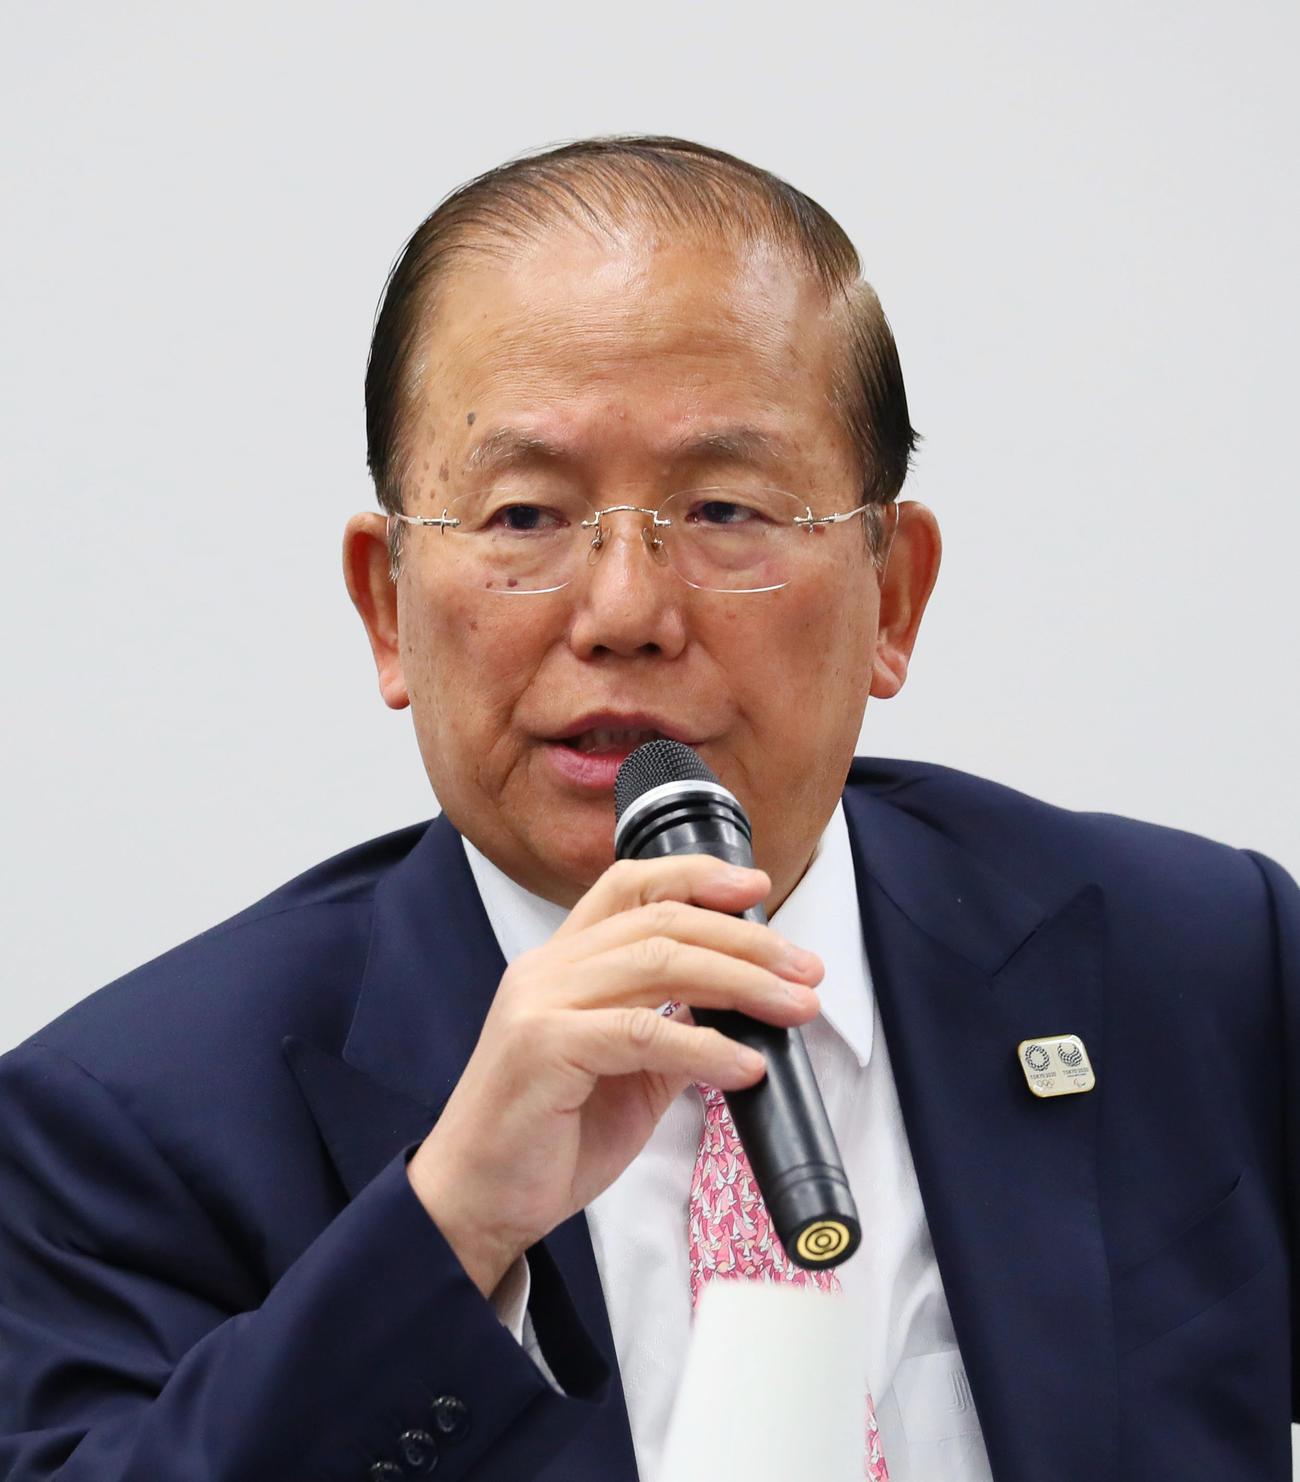 東京五輪・パラリンピック大会組織委員会の武藤事務総長(2020年3月30日)